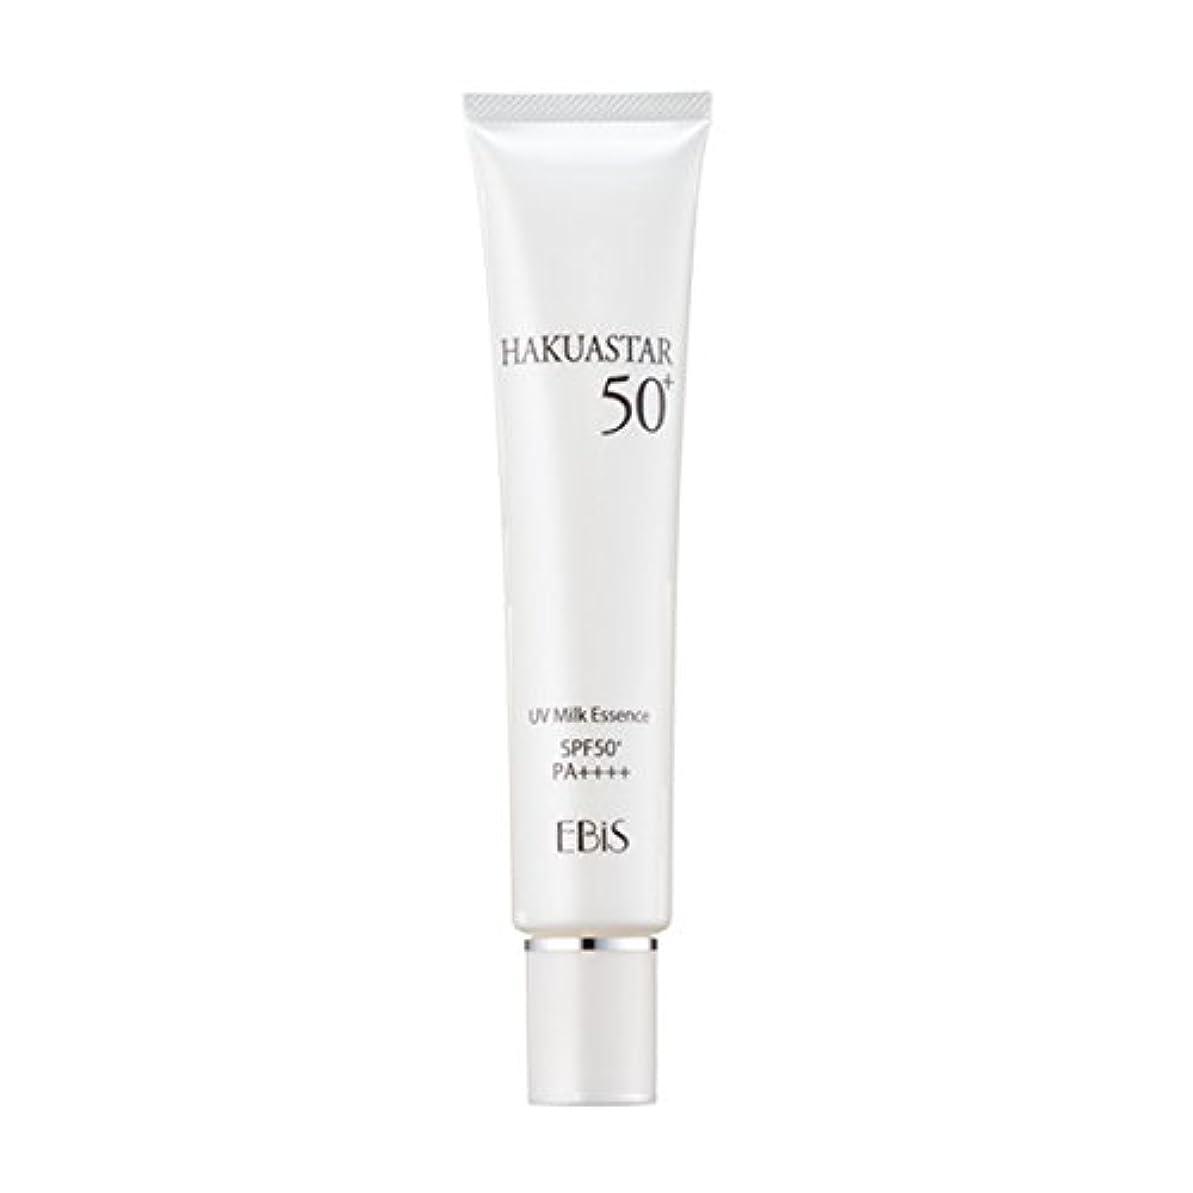 哲学博士可能にするチャンピオンシップエビス化粧品(EBiS) ハクアスター 40g SPF50PA+++ UVクリーム(日焼け止め) 紫外線対策 化粧下地としても使える